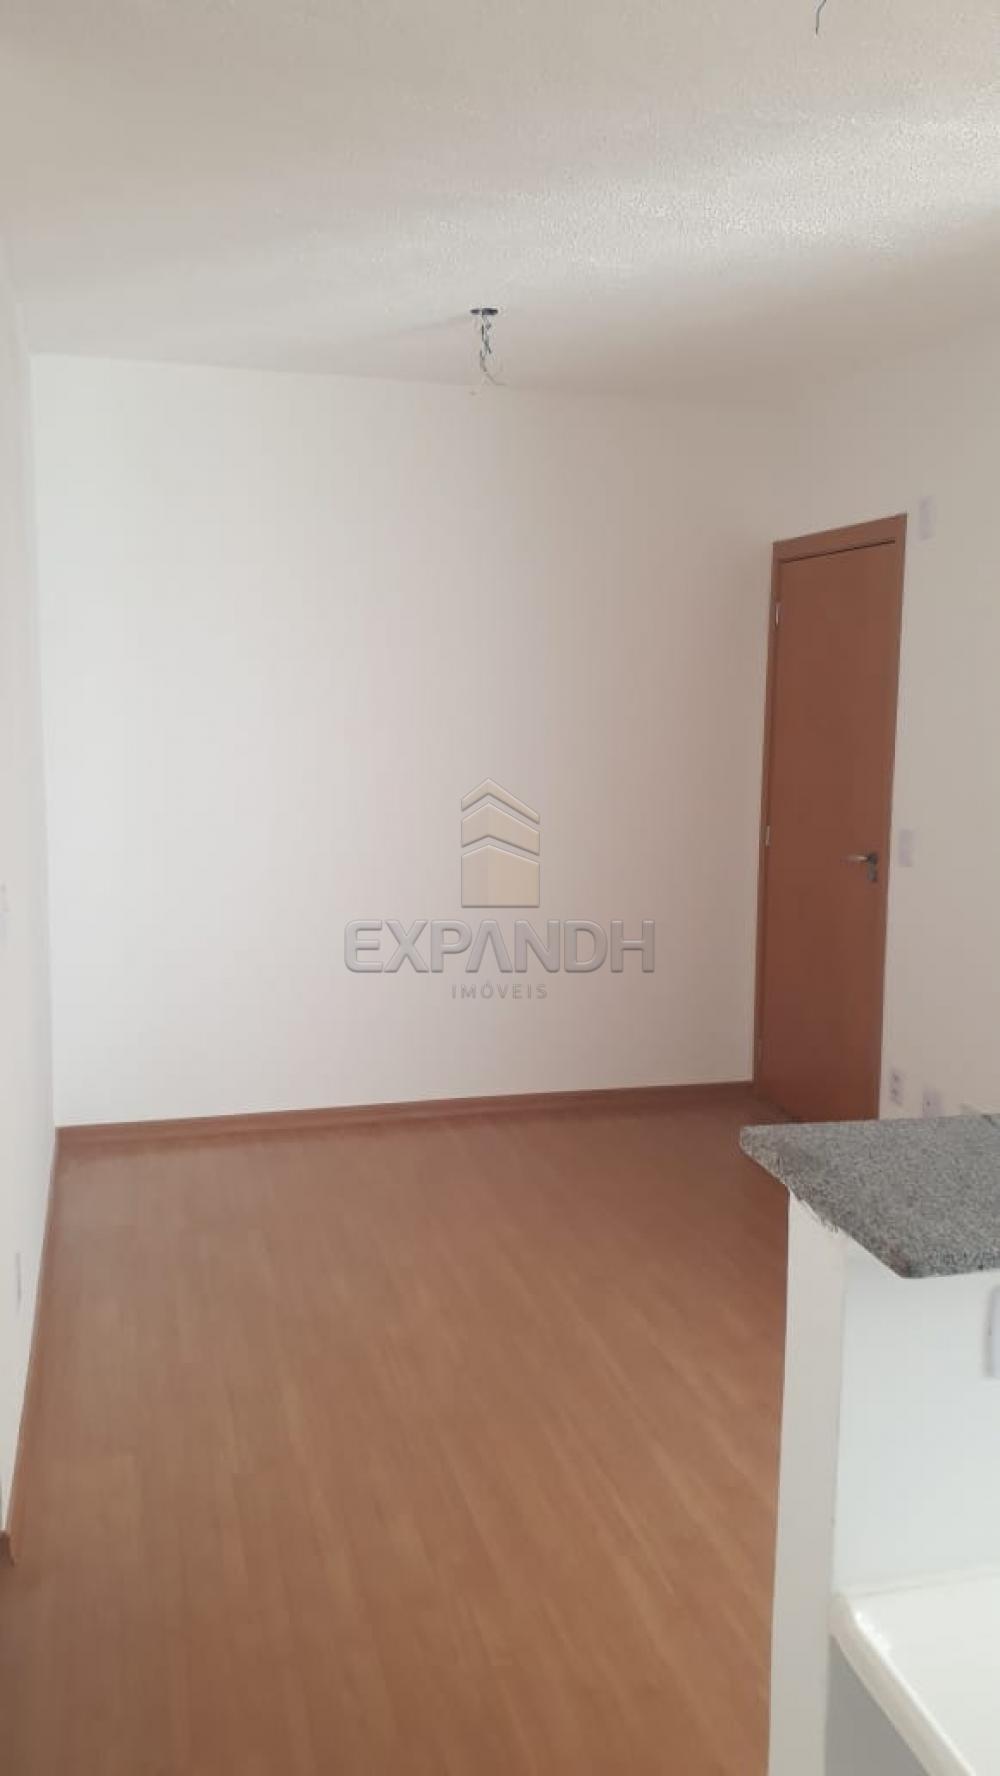 Comprar Apartamentos / Padrão em Sertãozinho apenas R$ 138.900,00 - Foto 26